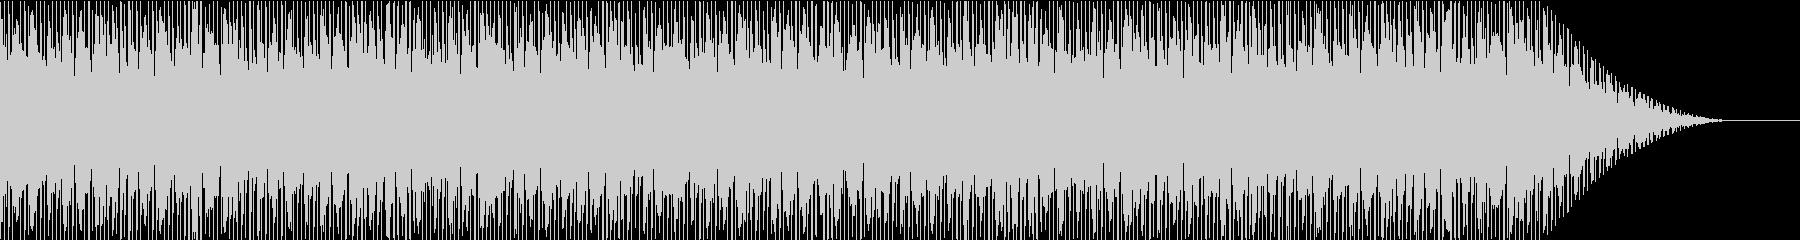 90年代を意識したヒップホップの未再生の波形